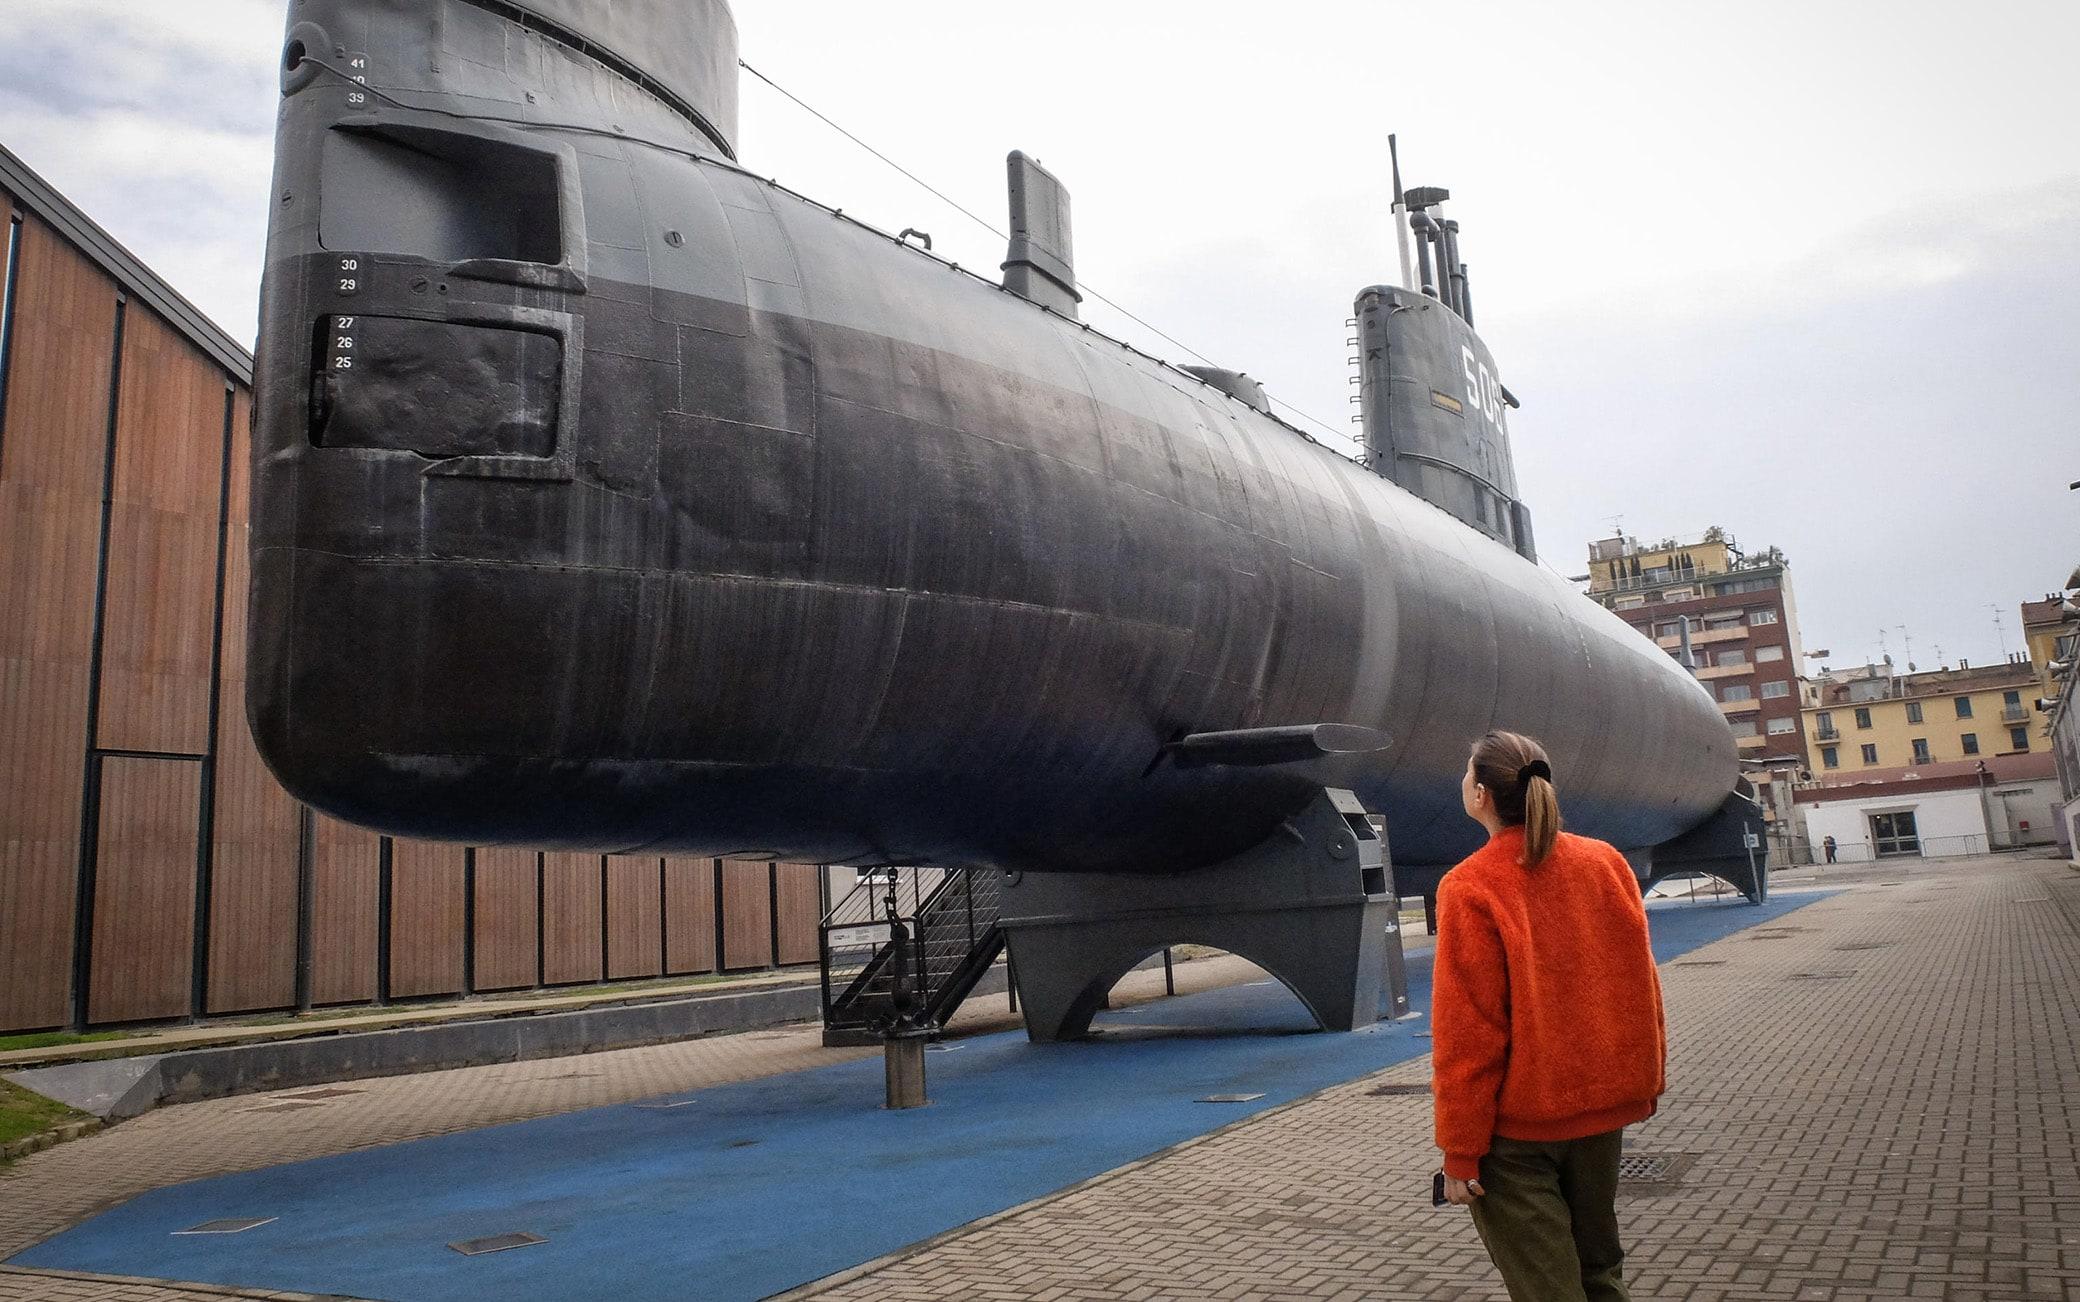 Rimasto chiuso il sottomarino Toti alla riapertura, dopo la pausa dovuta all'emergenza del coronavirus Covid-19, del Museo della Scienza e Tecnologia, Milano, 3 marzo 2020. Ansa/Matteo Corner